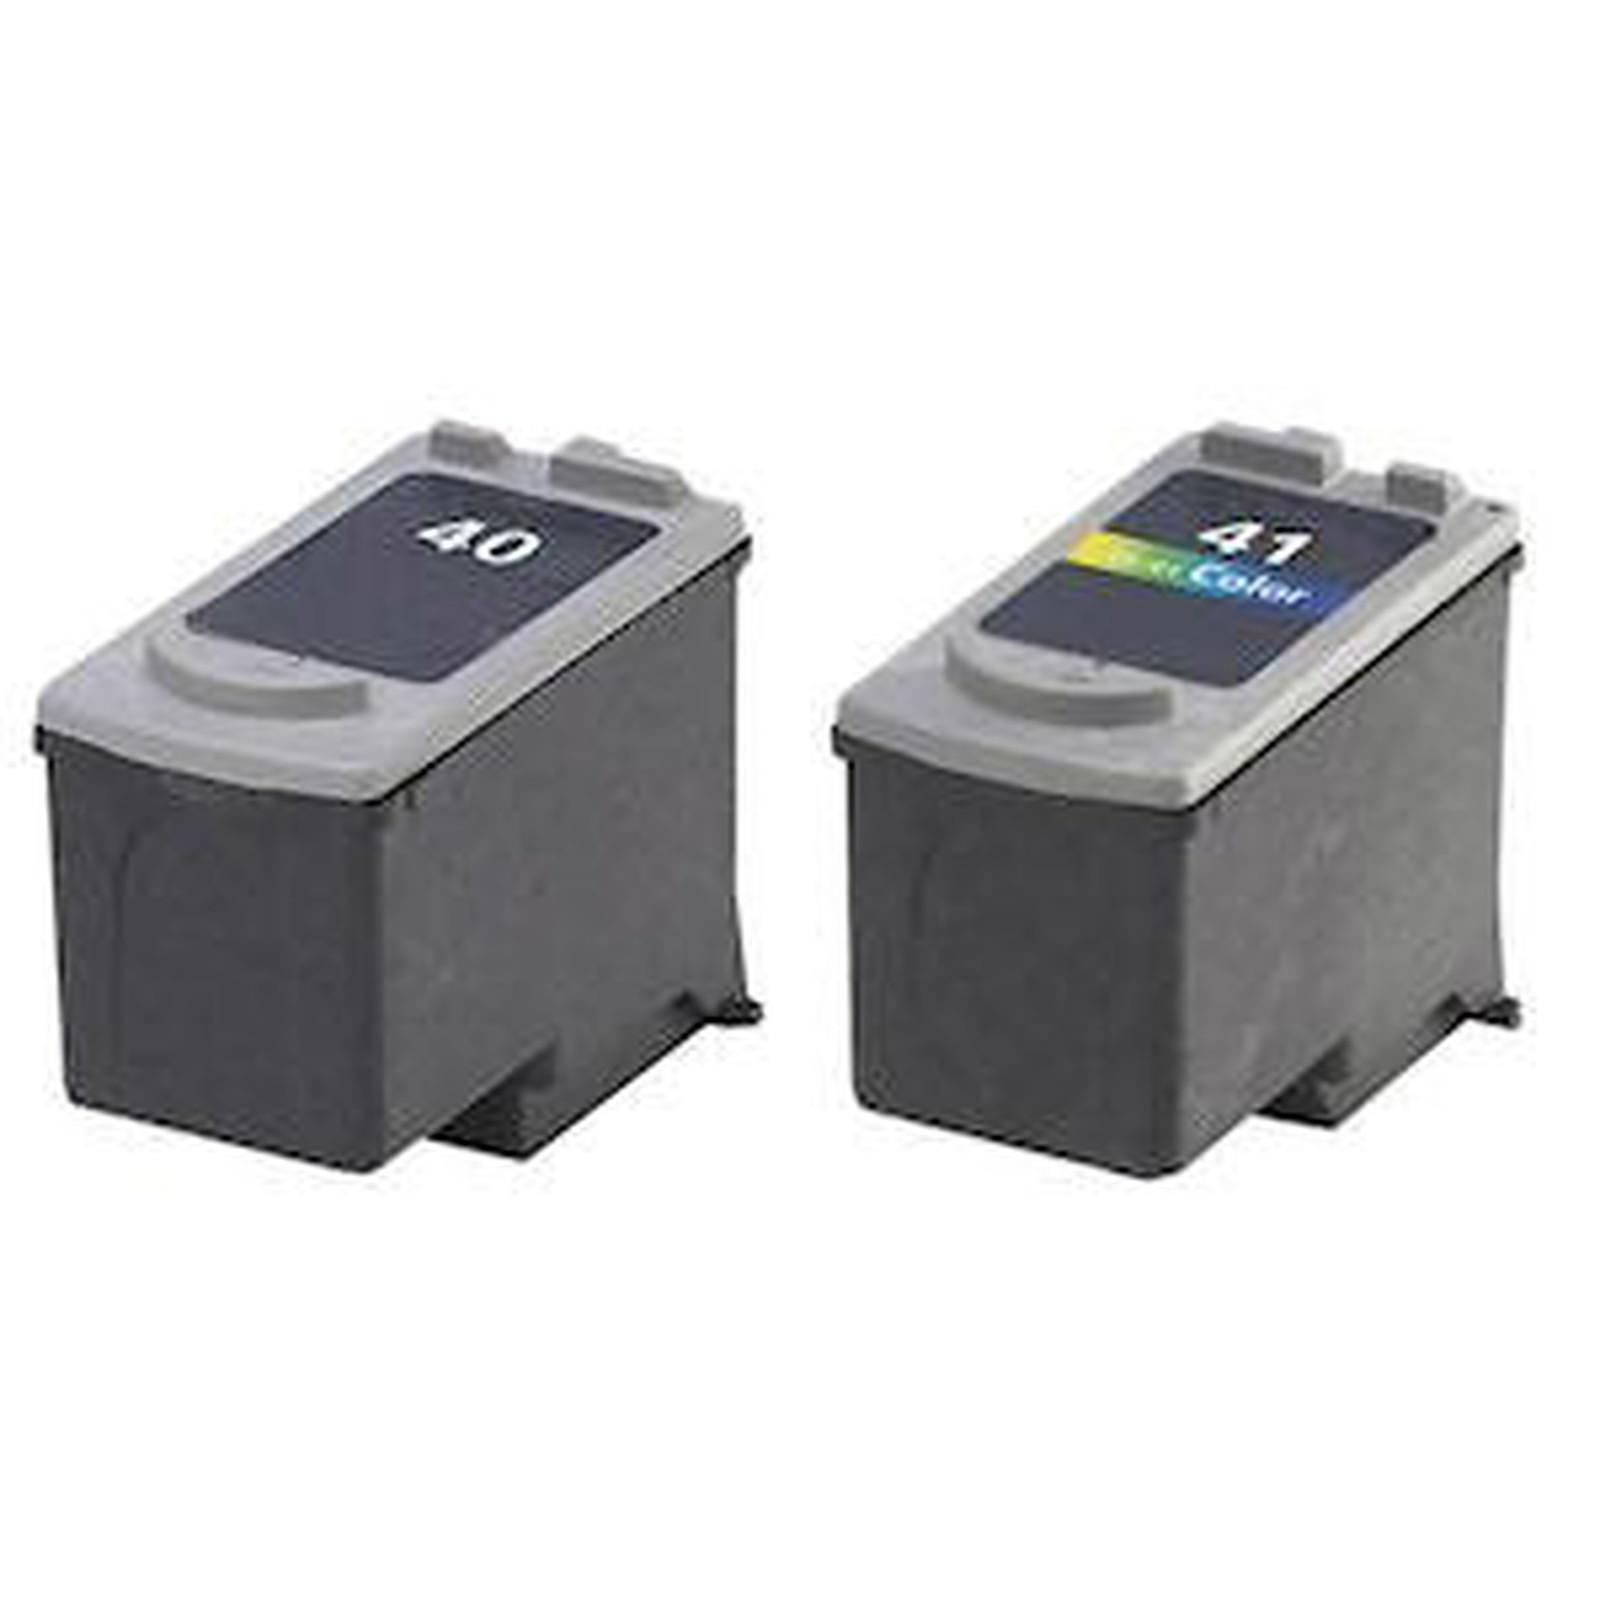 LDLC pack économique compatible Canon PG-40 / CL-41 (BK + C)